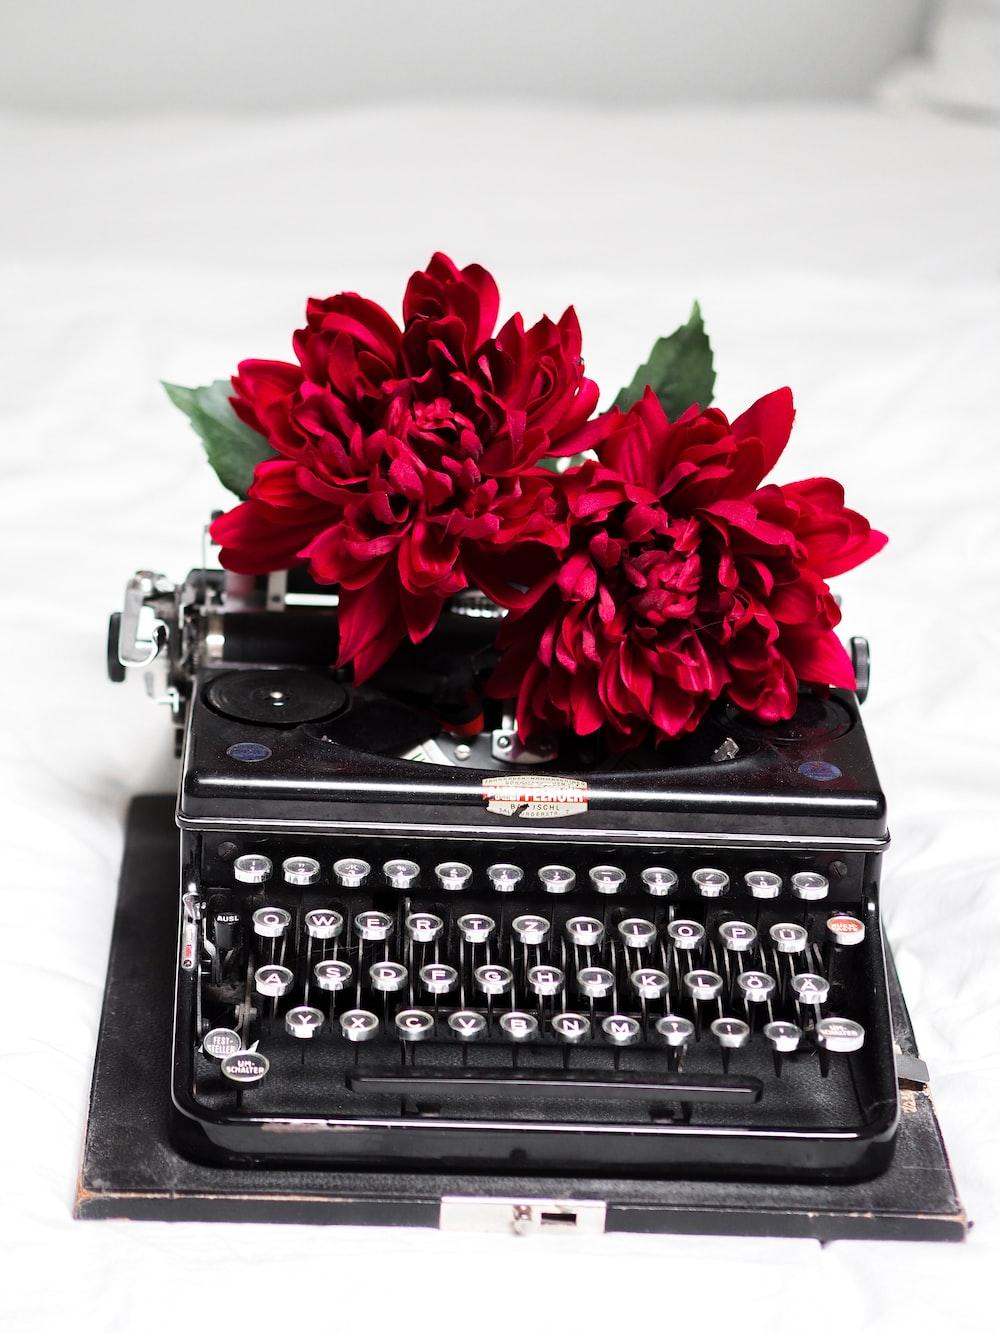 red roses on black typewriter